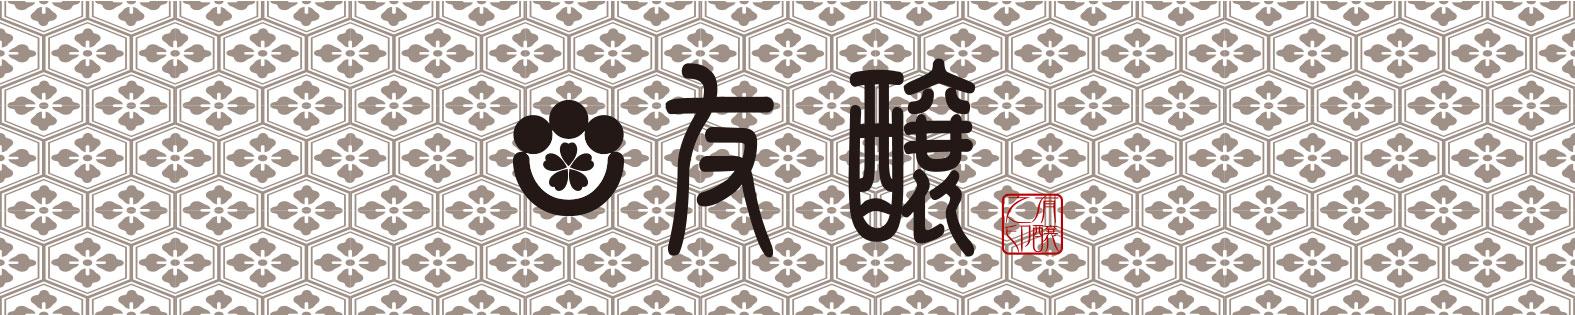 【日本酒】三芳菊 WILD-SIDE 残骸 責めブレンド 無濾過生原酒 限定 27BY_e0173738_10163171.jpg